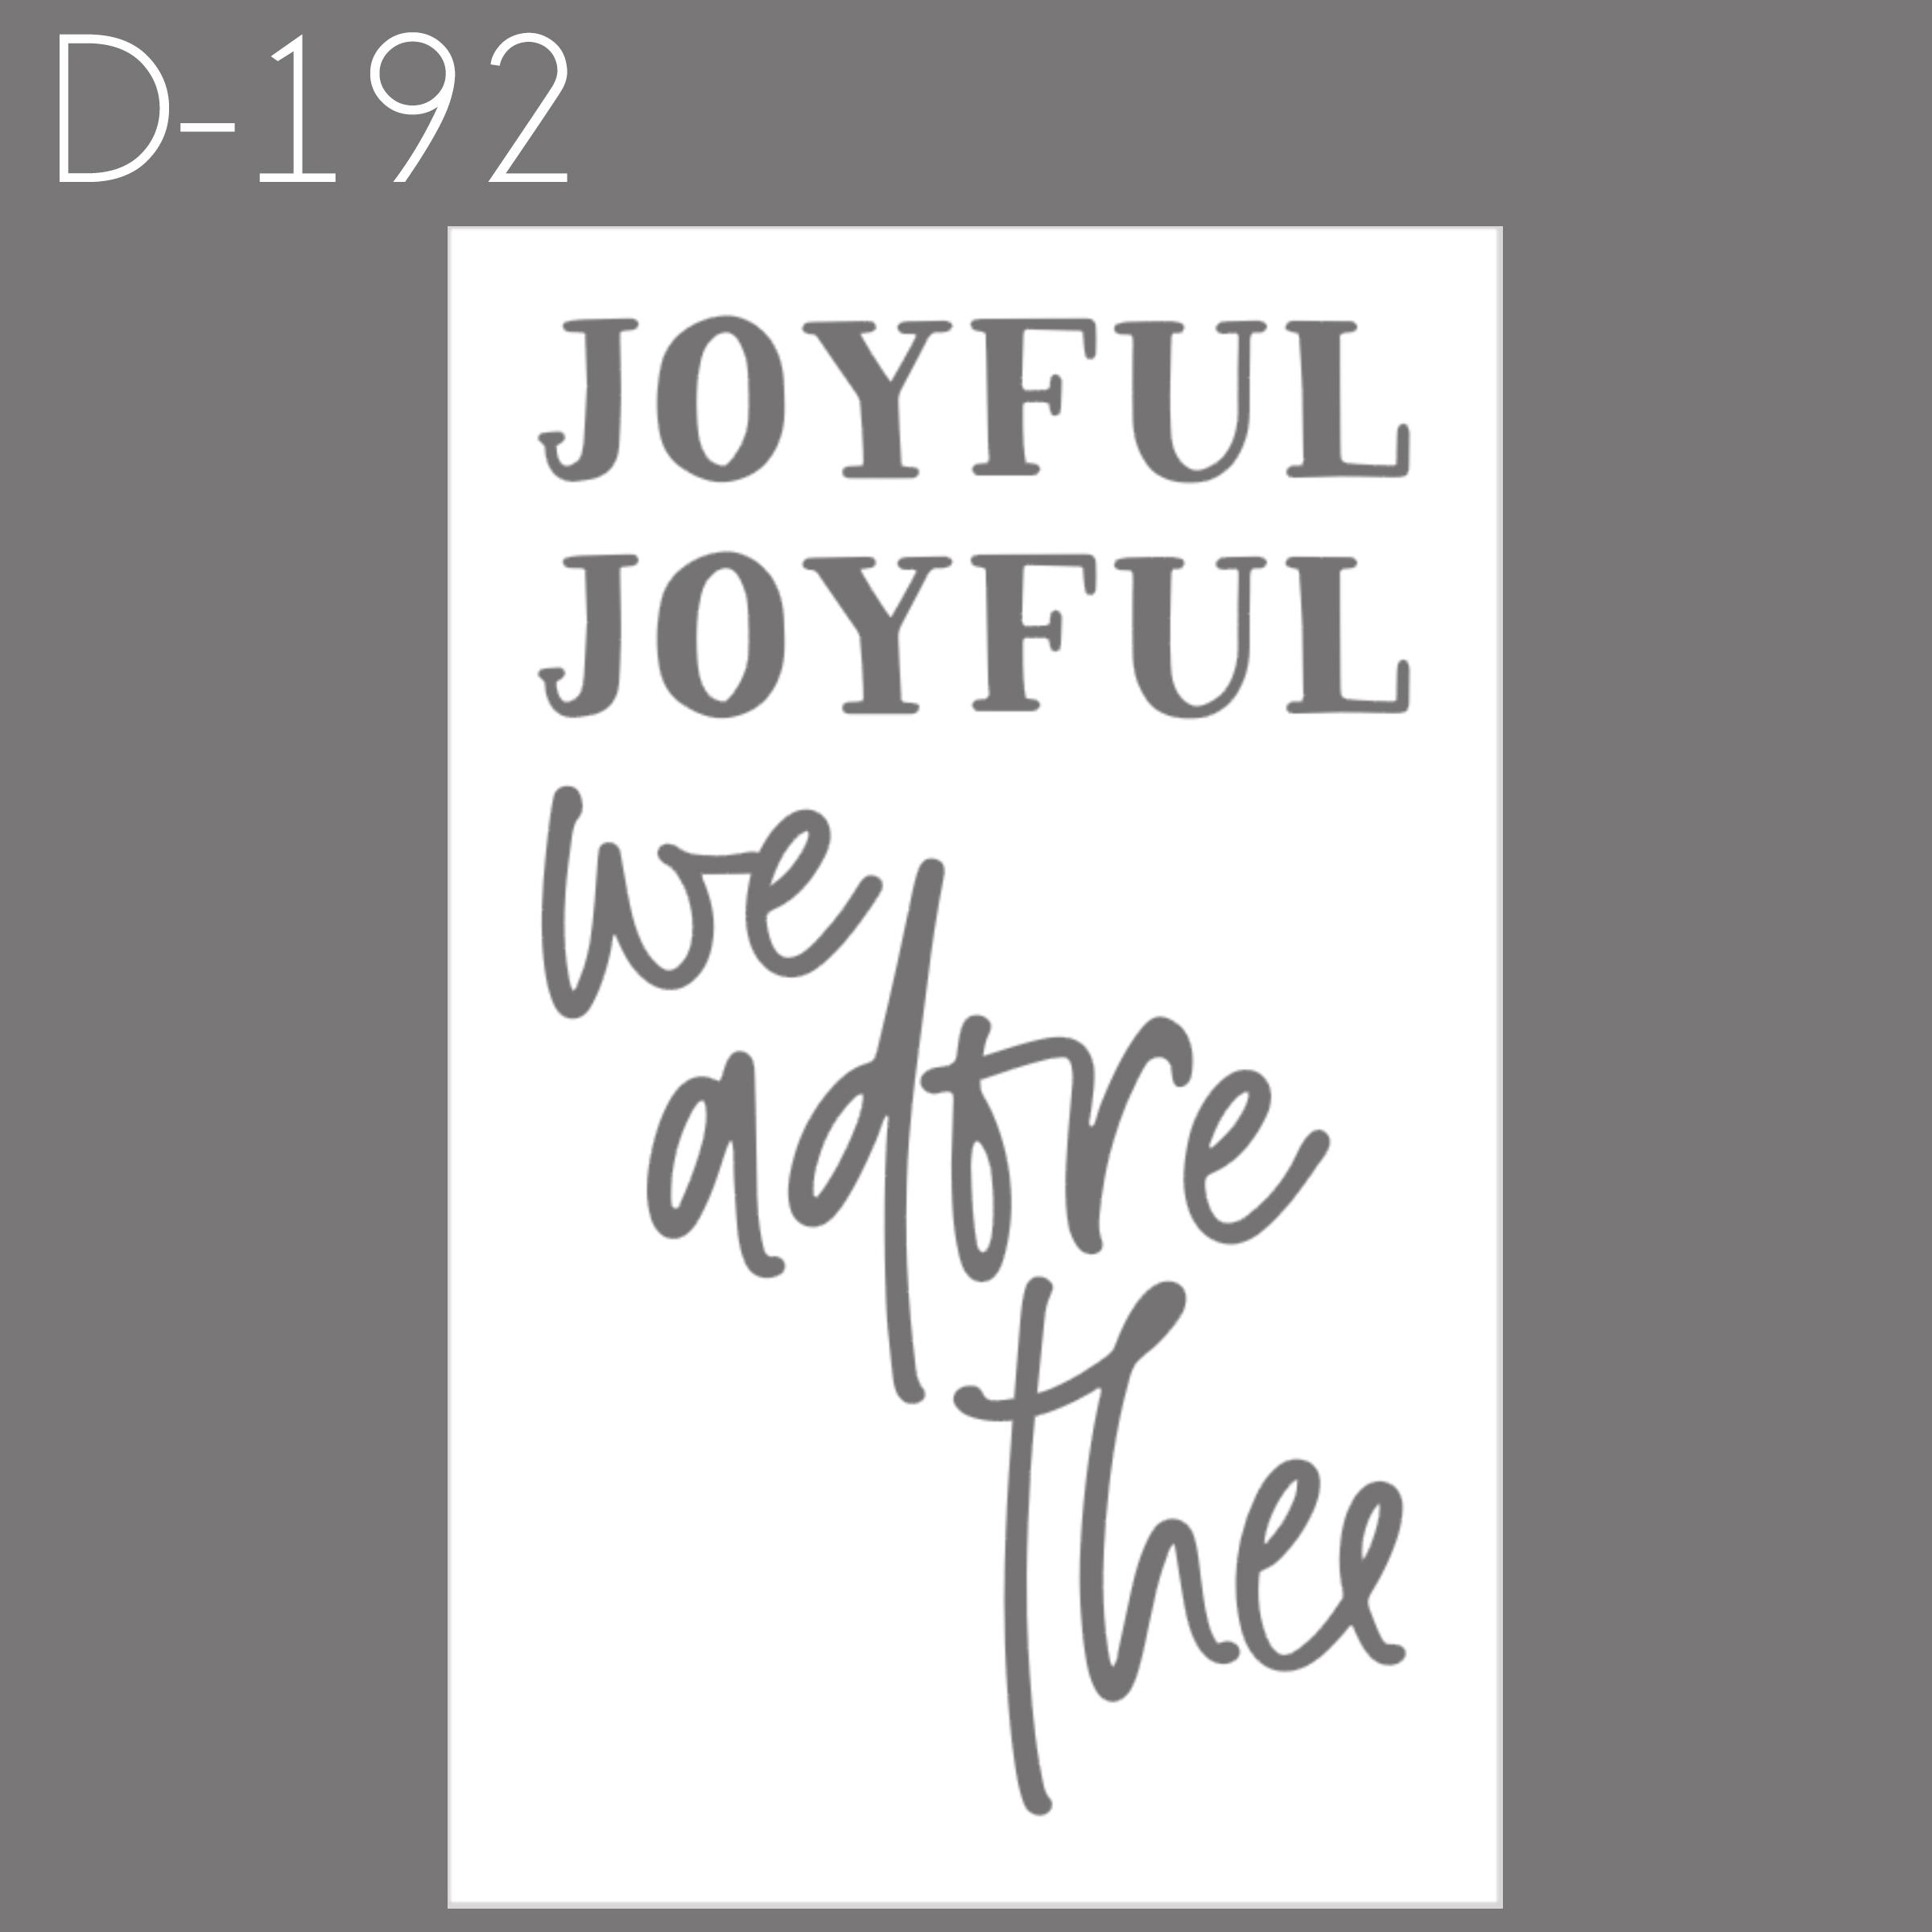 D192 - Joyful.jpg